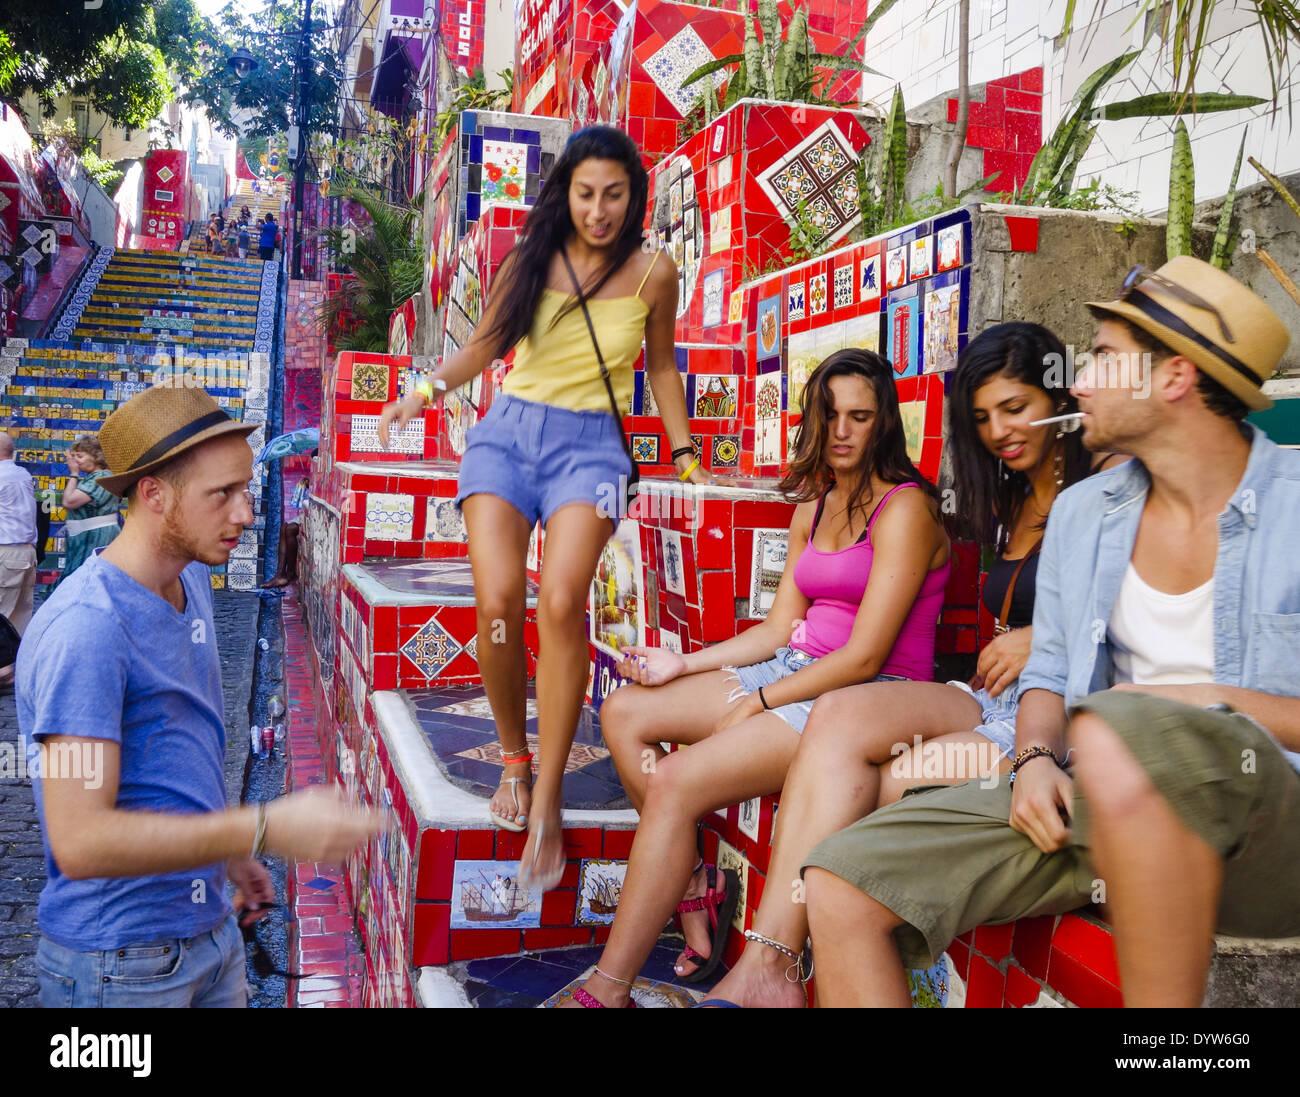 Rio de Janeiro, Santa Teresa, Lapa, Escadeira de Selaron, Escadaria, Brazil - Stock Image